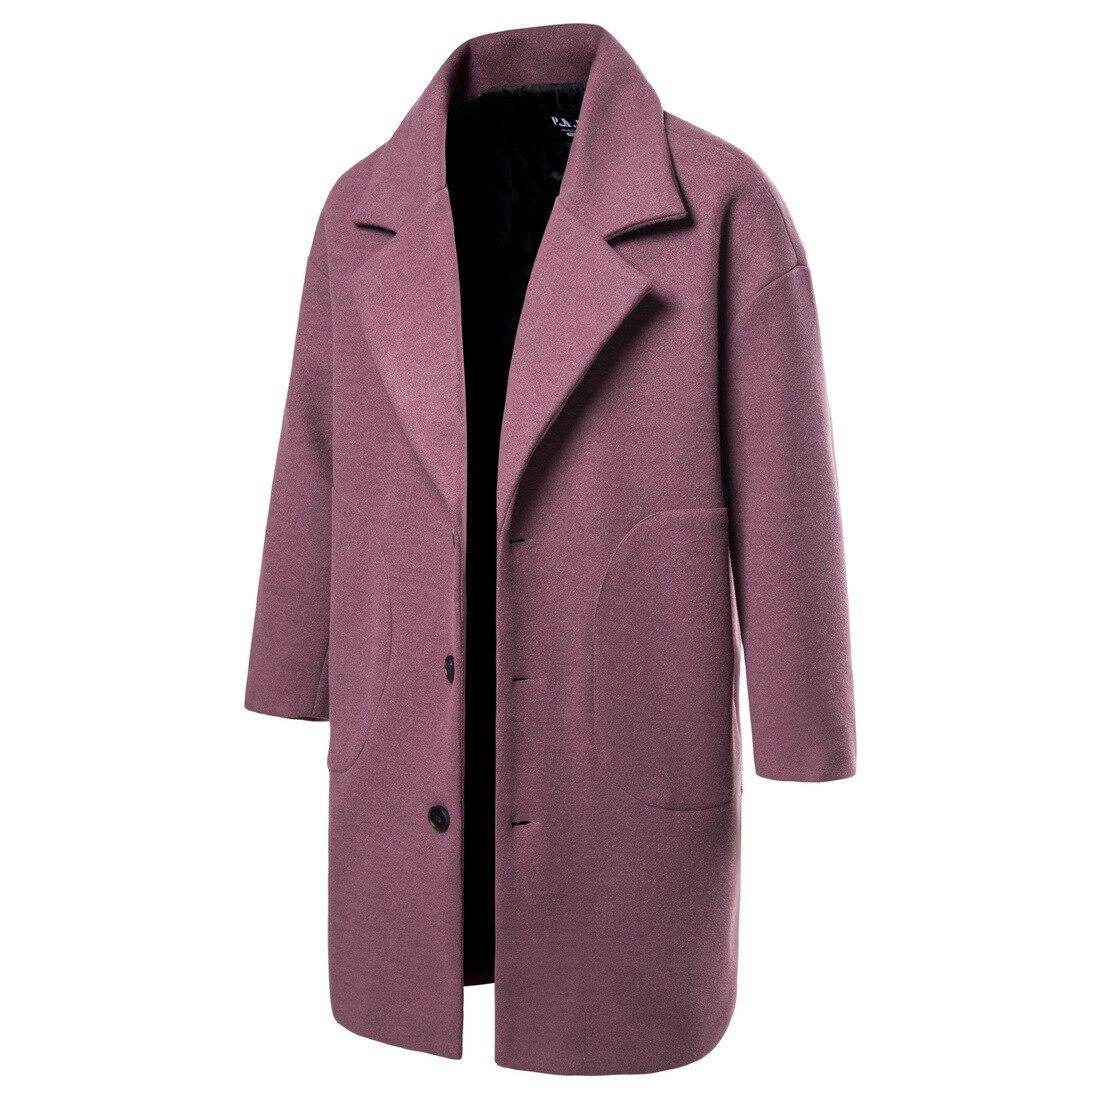 Windbreaker men's mid-length Korean woolen coat autumn and winter handsome woolen coat men's jacket